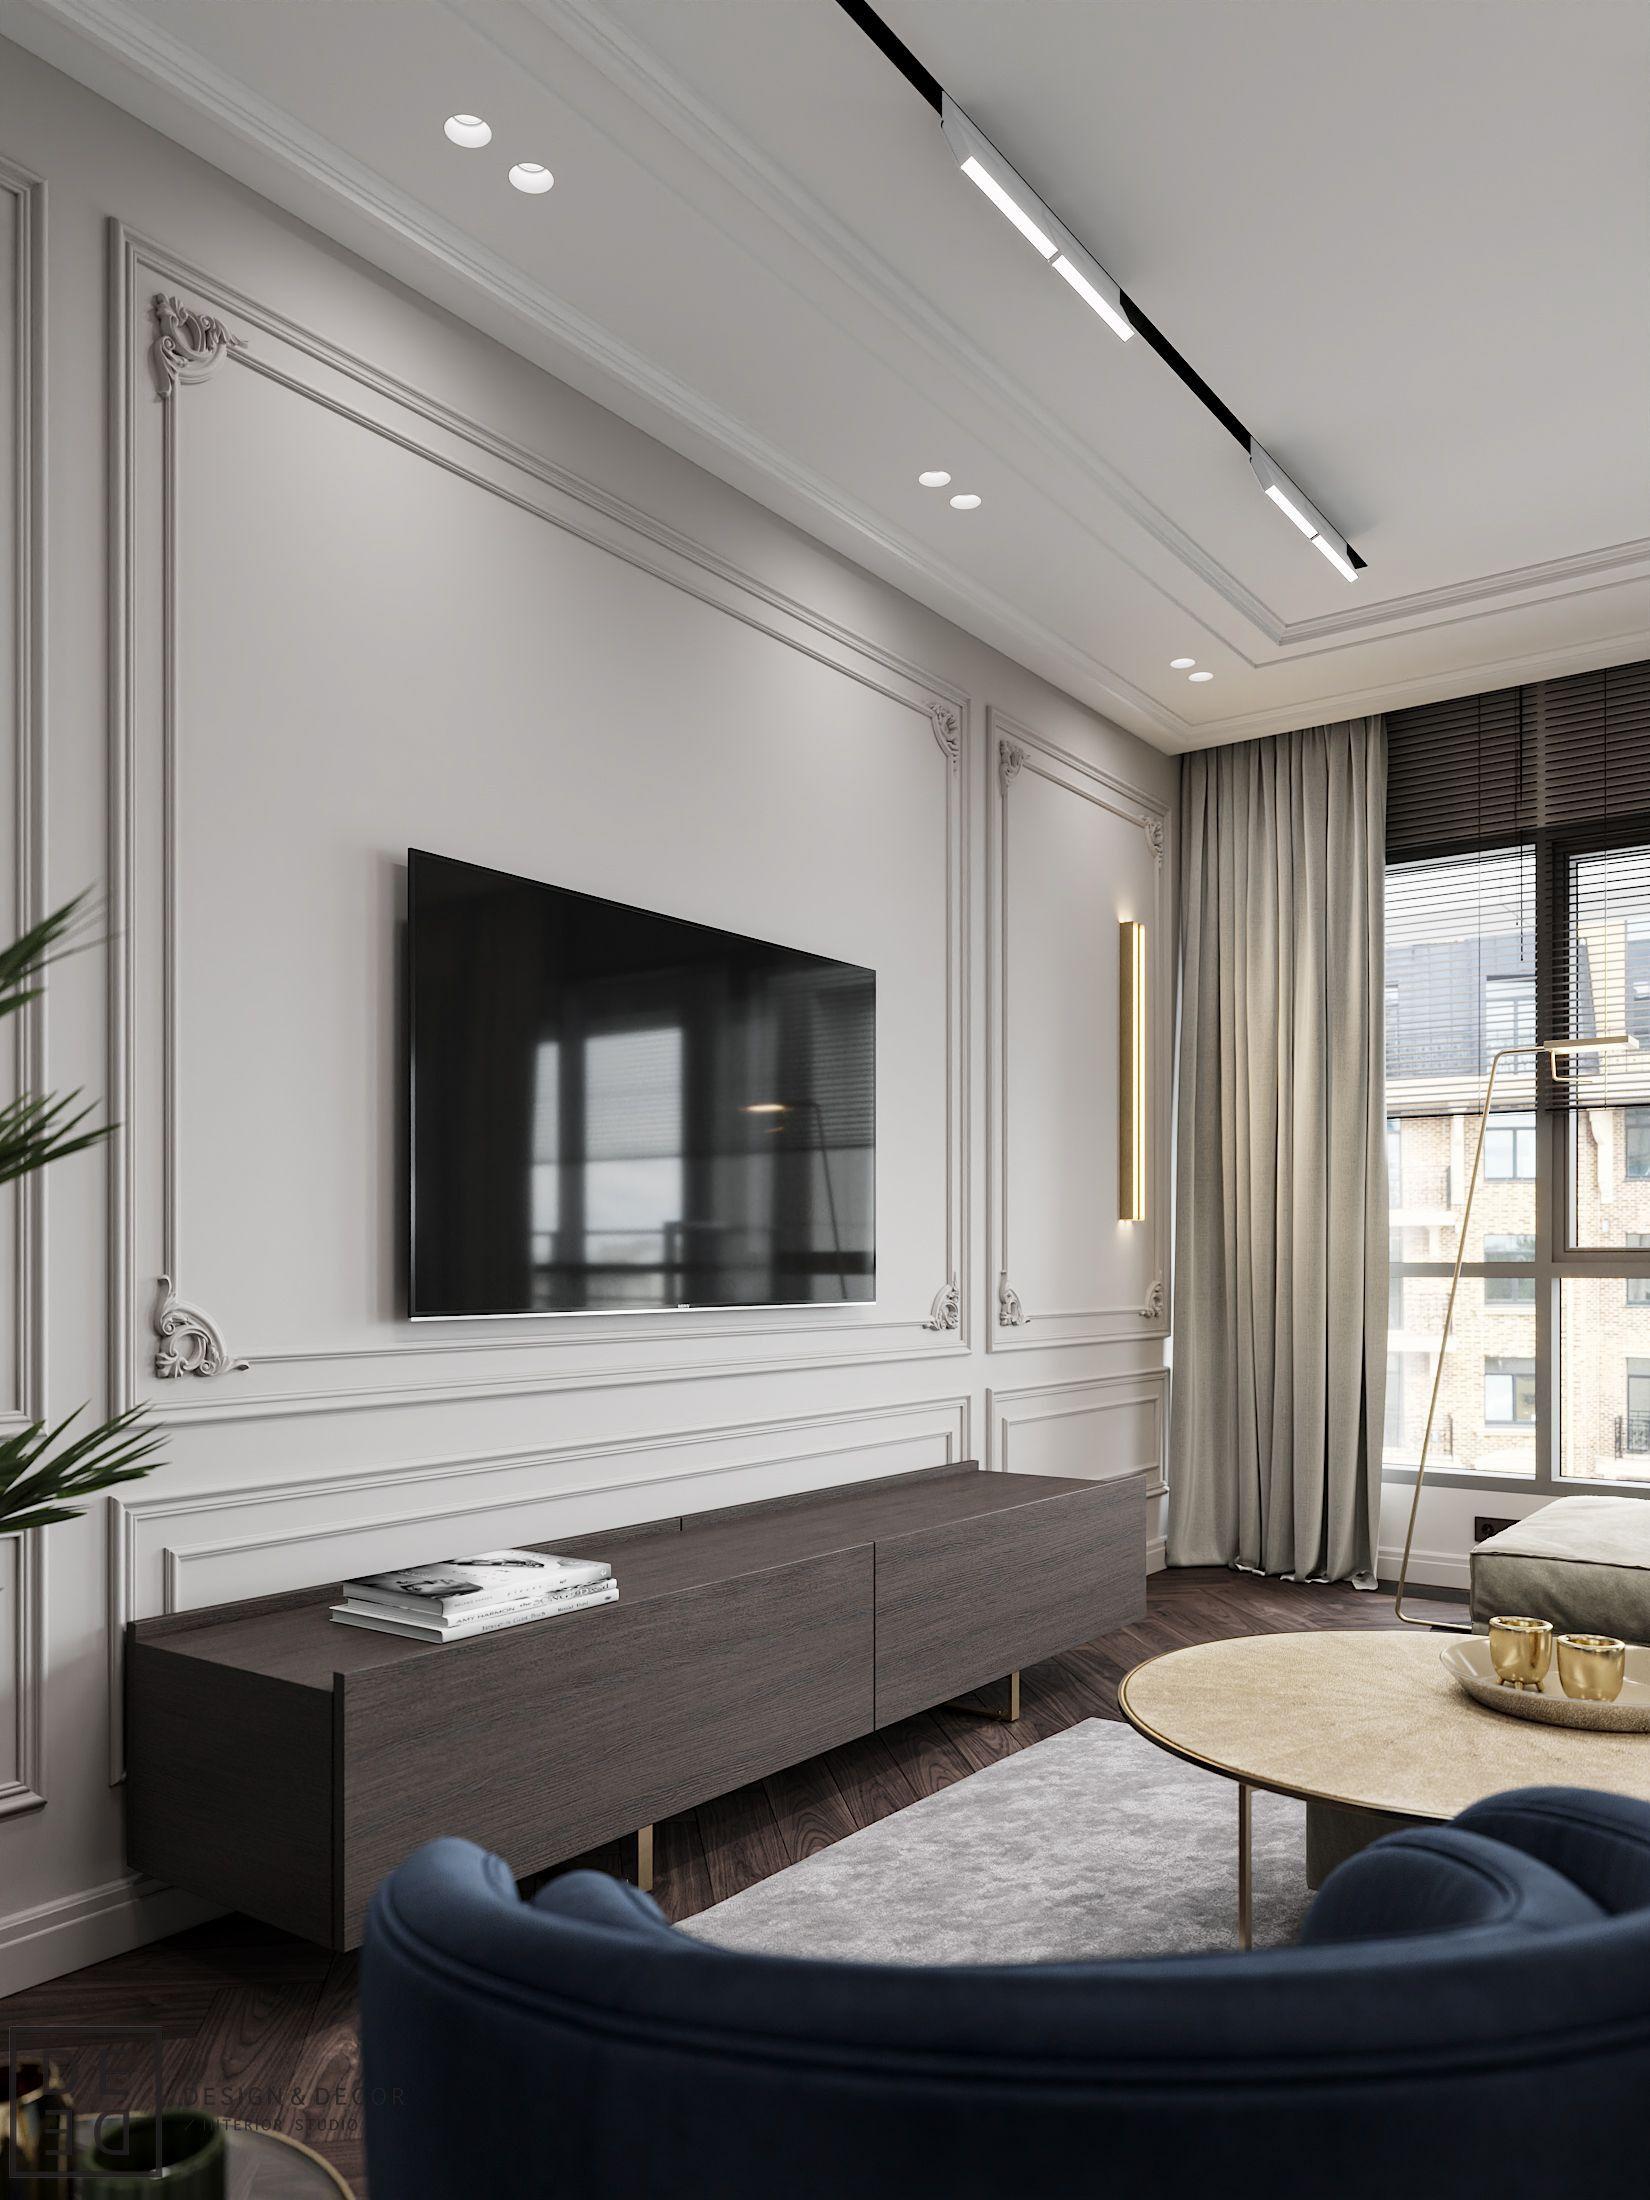 Modern Classic Living Room Interior Design: DE&DE/Blueberry Flat On Behance